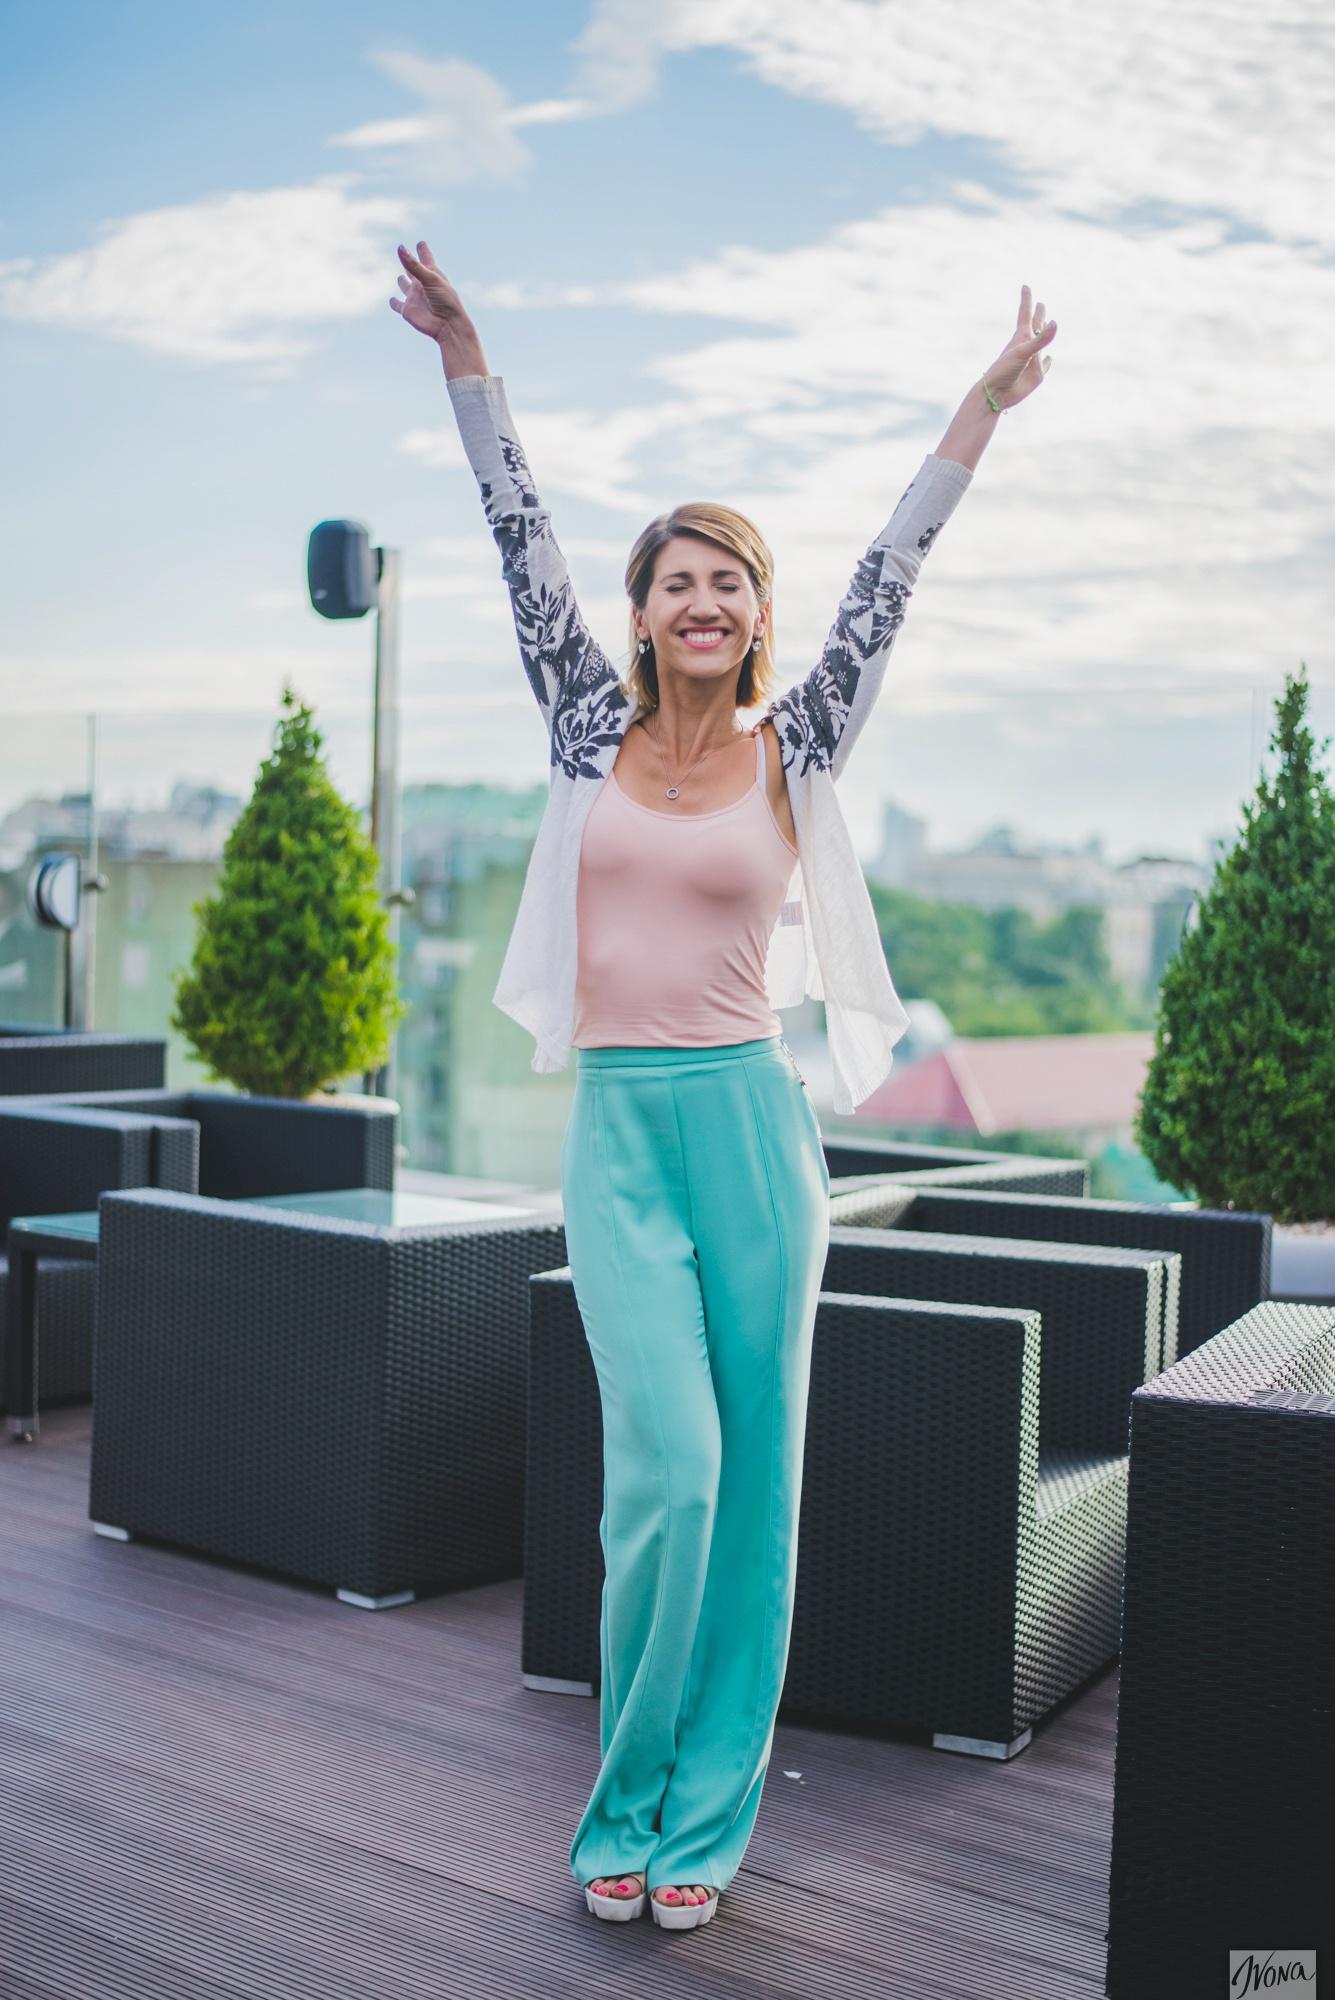 Анита Луценко: Похудеть быстро – мечта лентяев, дающая сбои